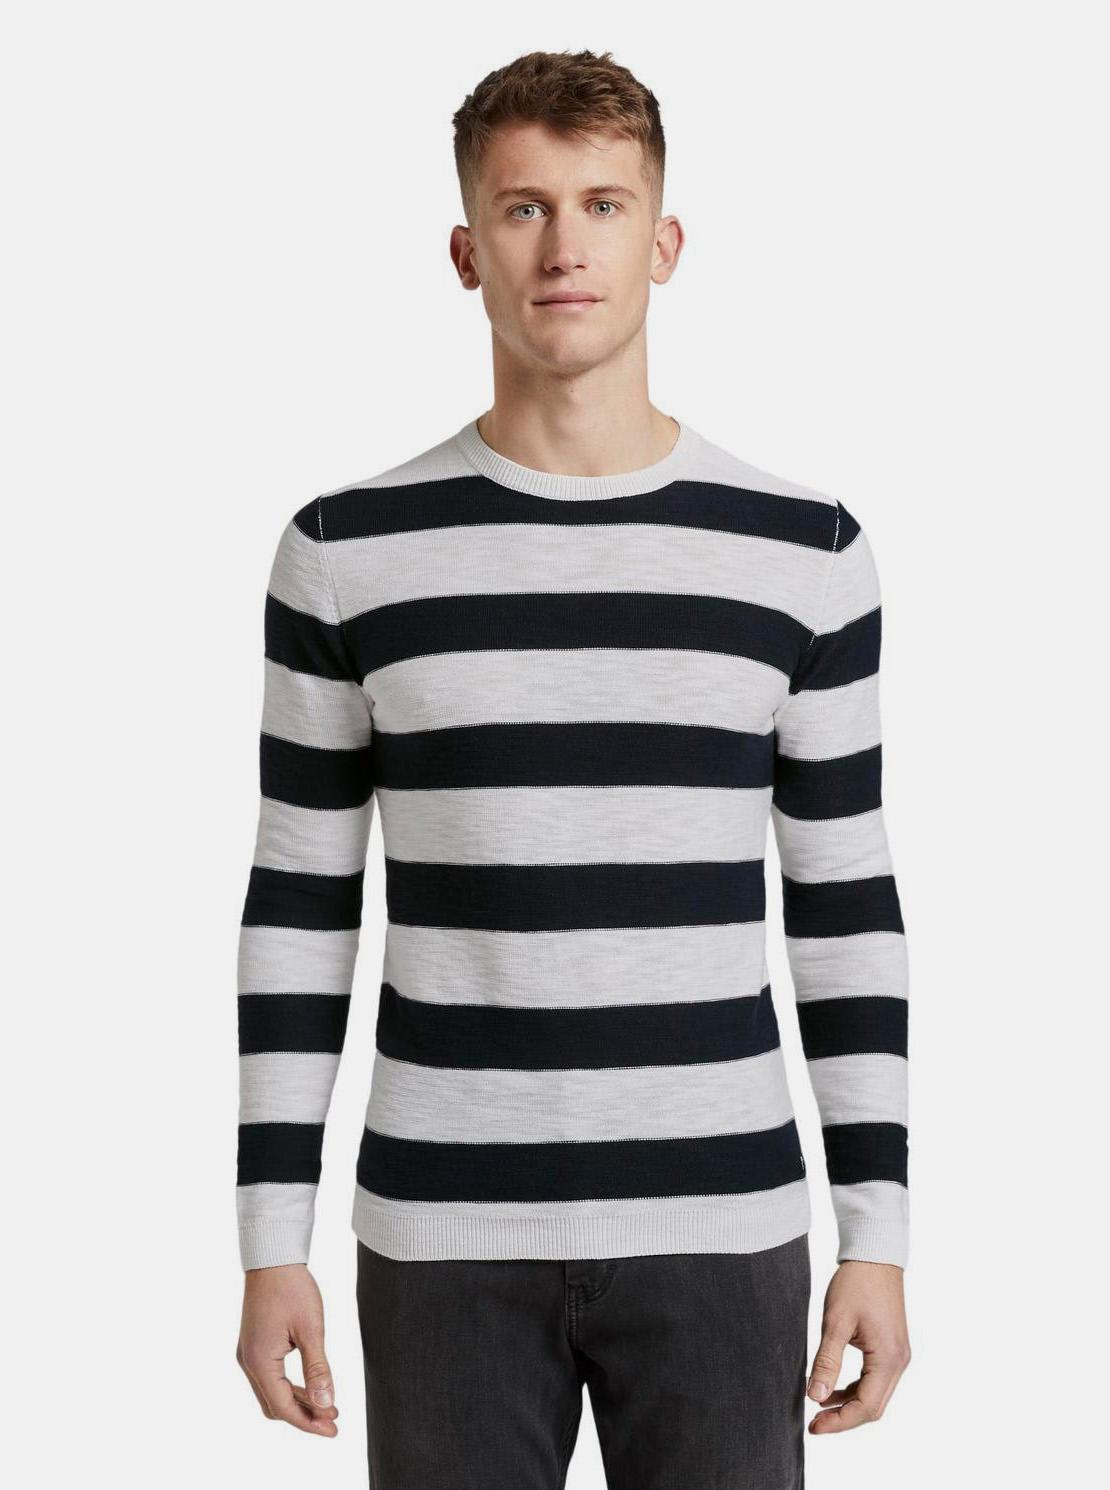 Tom Tailor Denim černo-bílý pánský svetr